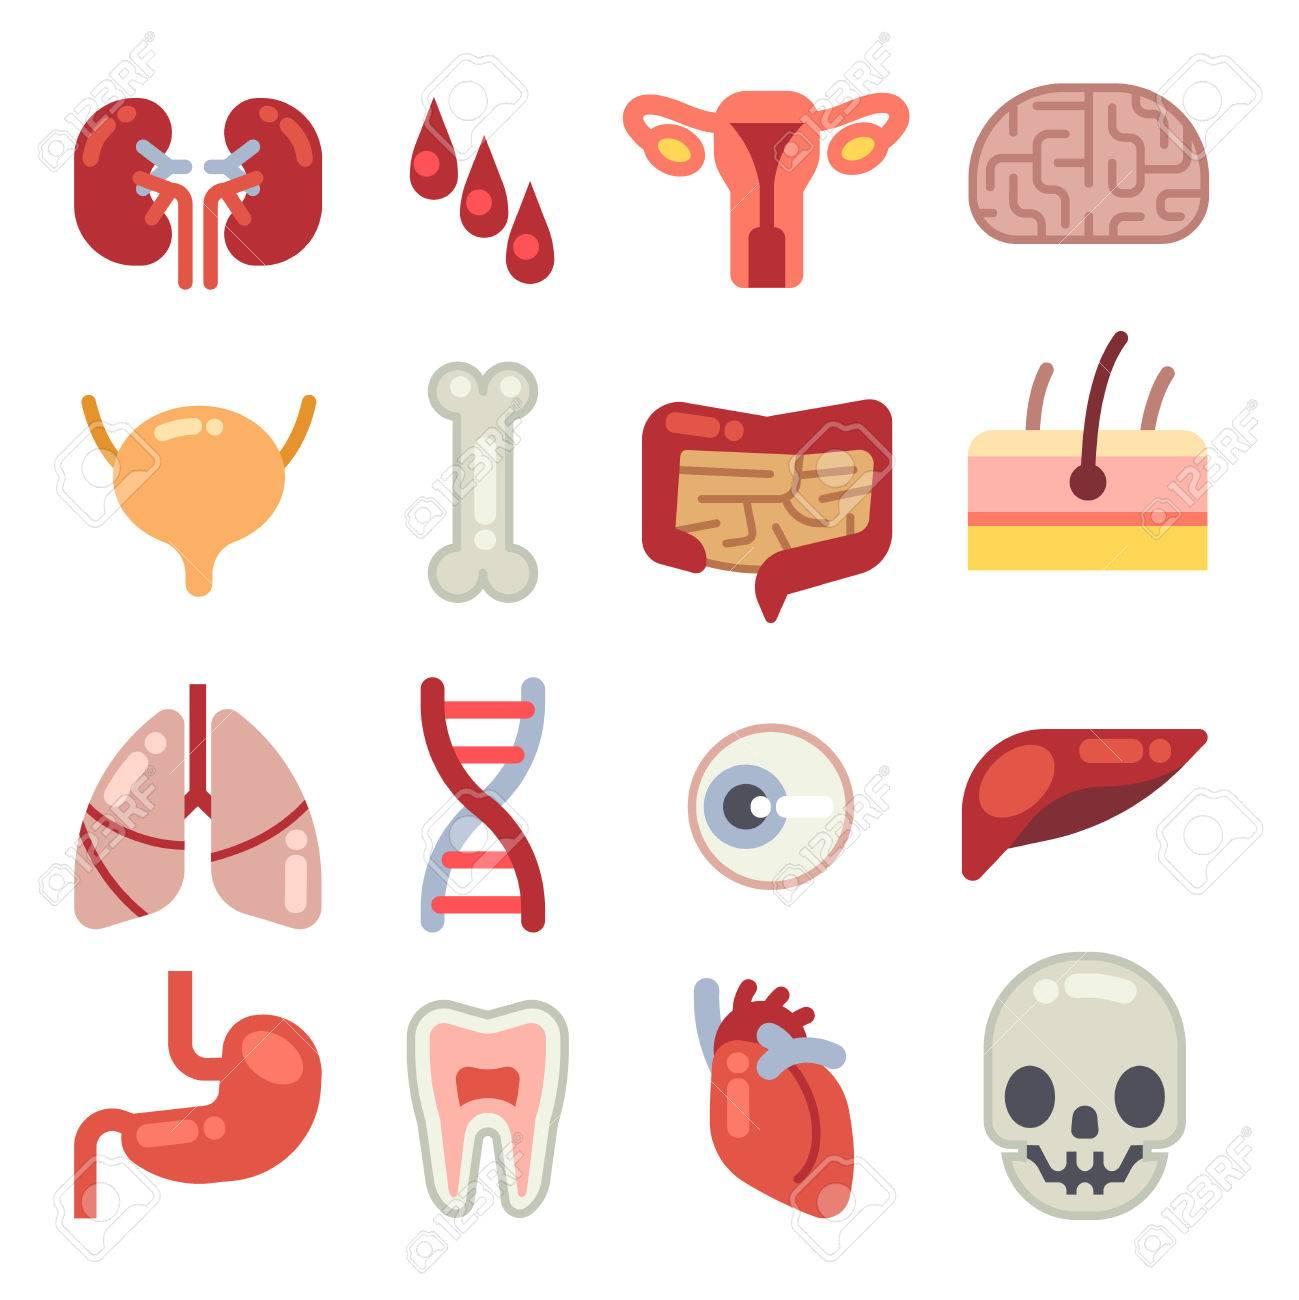 Iconos De Vector Plano De órganos Internos Humanos. Conjunto De ...